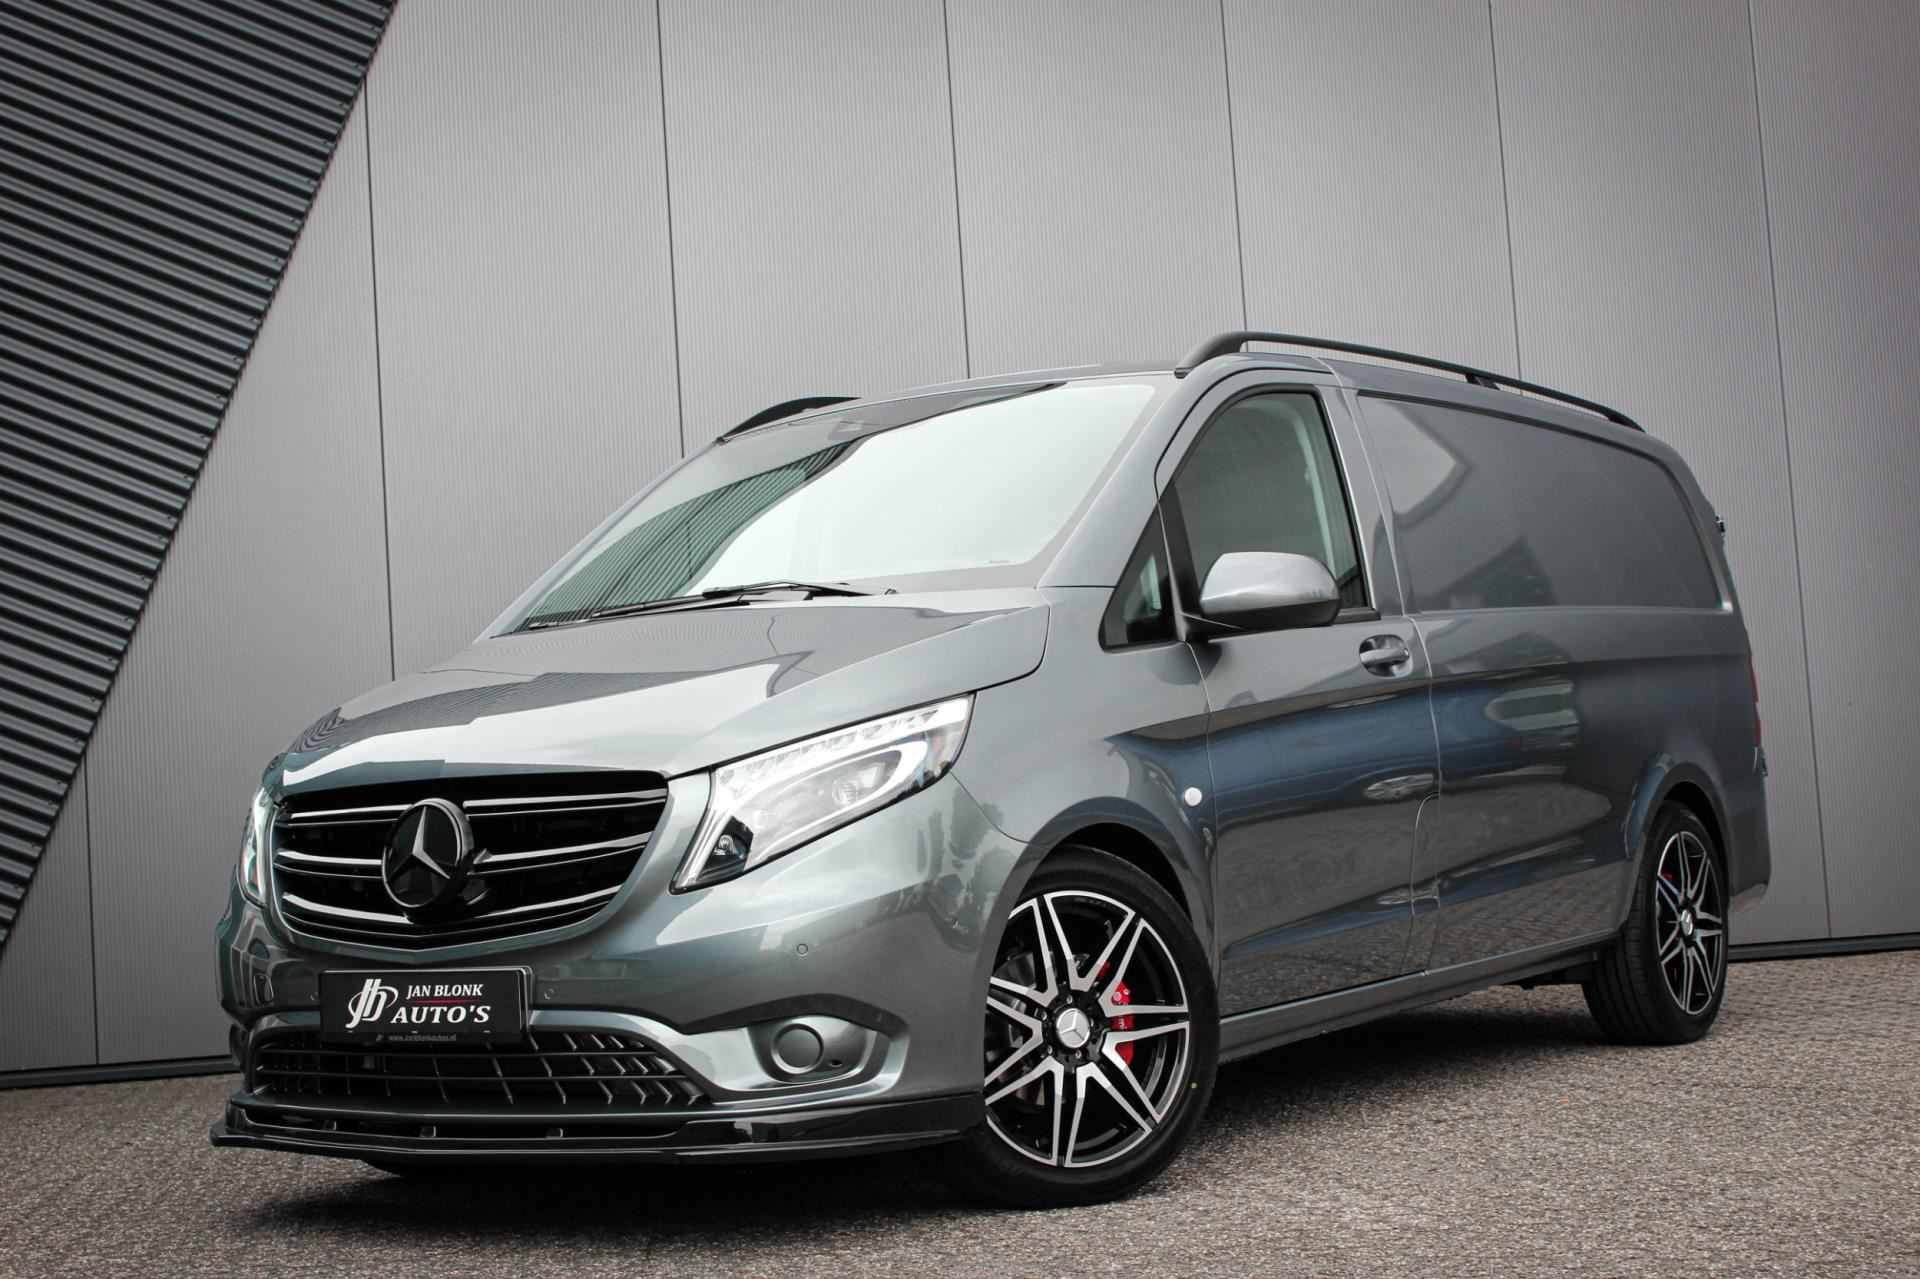 Mercedes-Benz Vito occasion - Jan Blonk Auto's